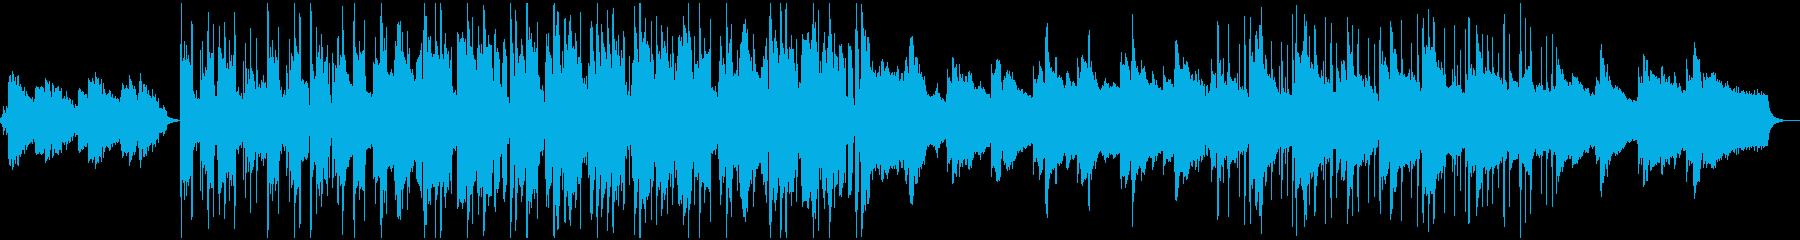 【高音質】朝から爽やかお洒落なチルホップの再生済みの波形